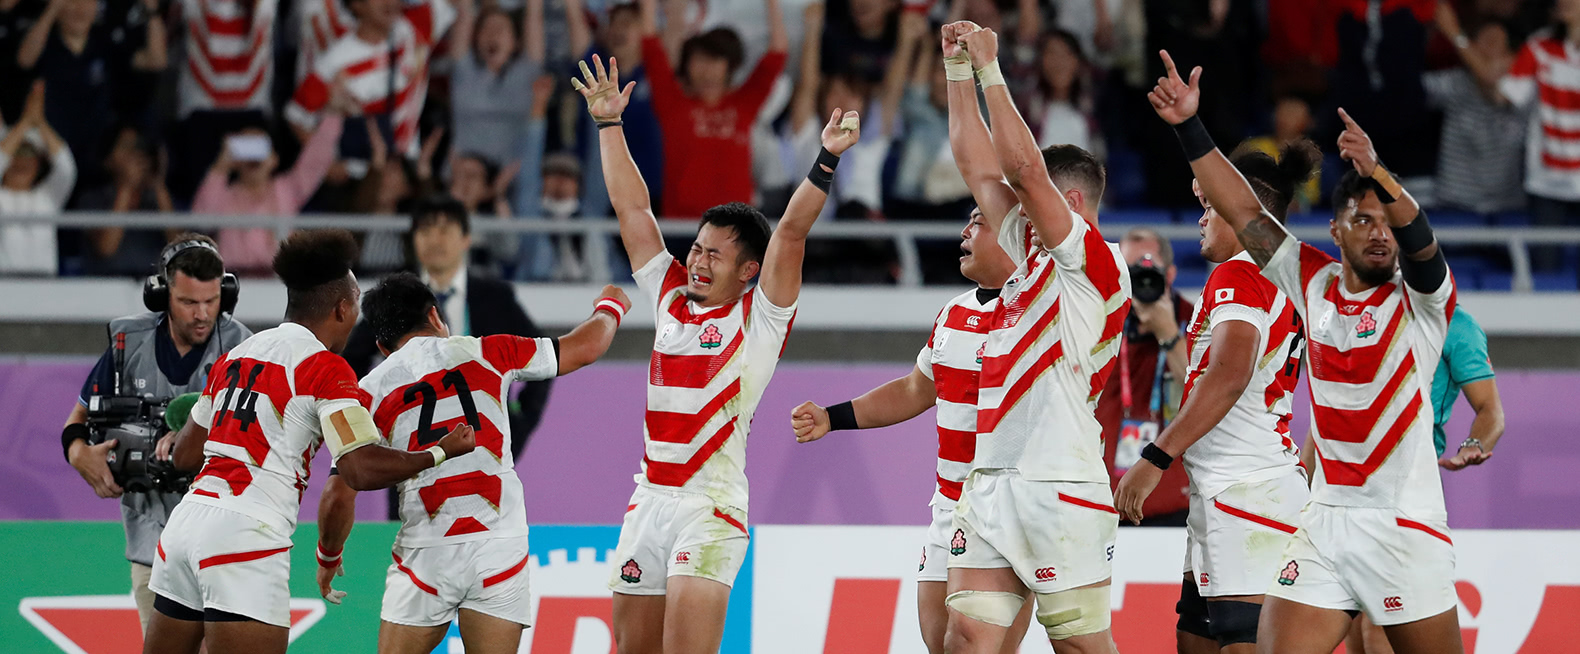 ラグビー日本、初の決勝トーナメント進出 4強逃す